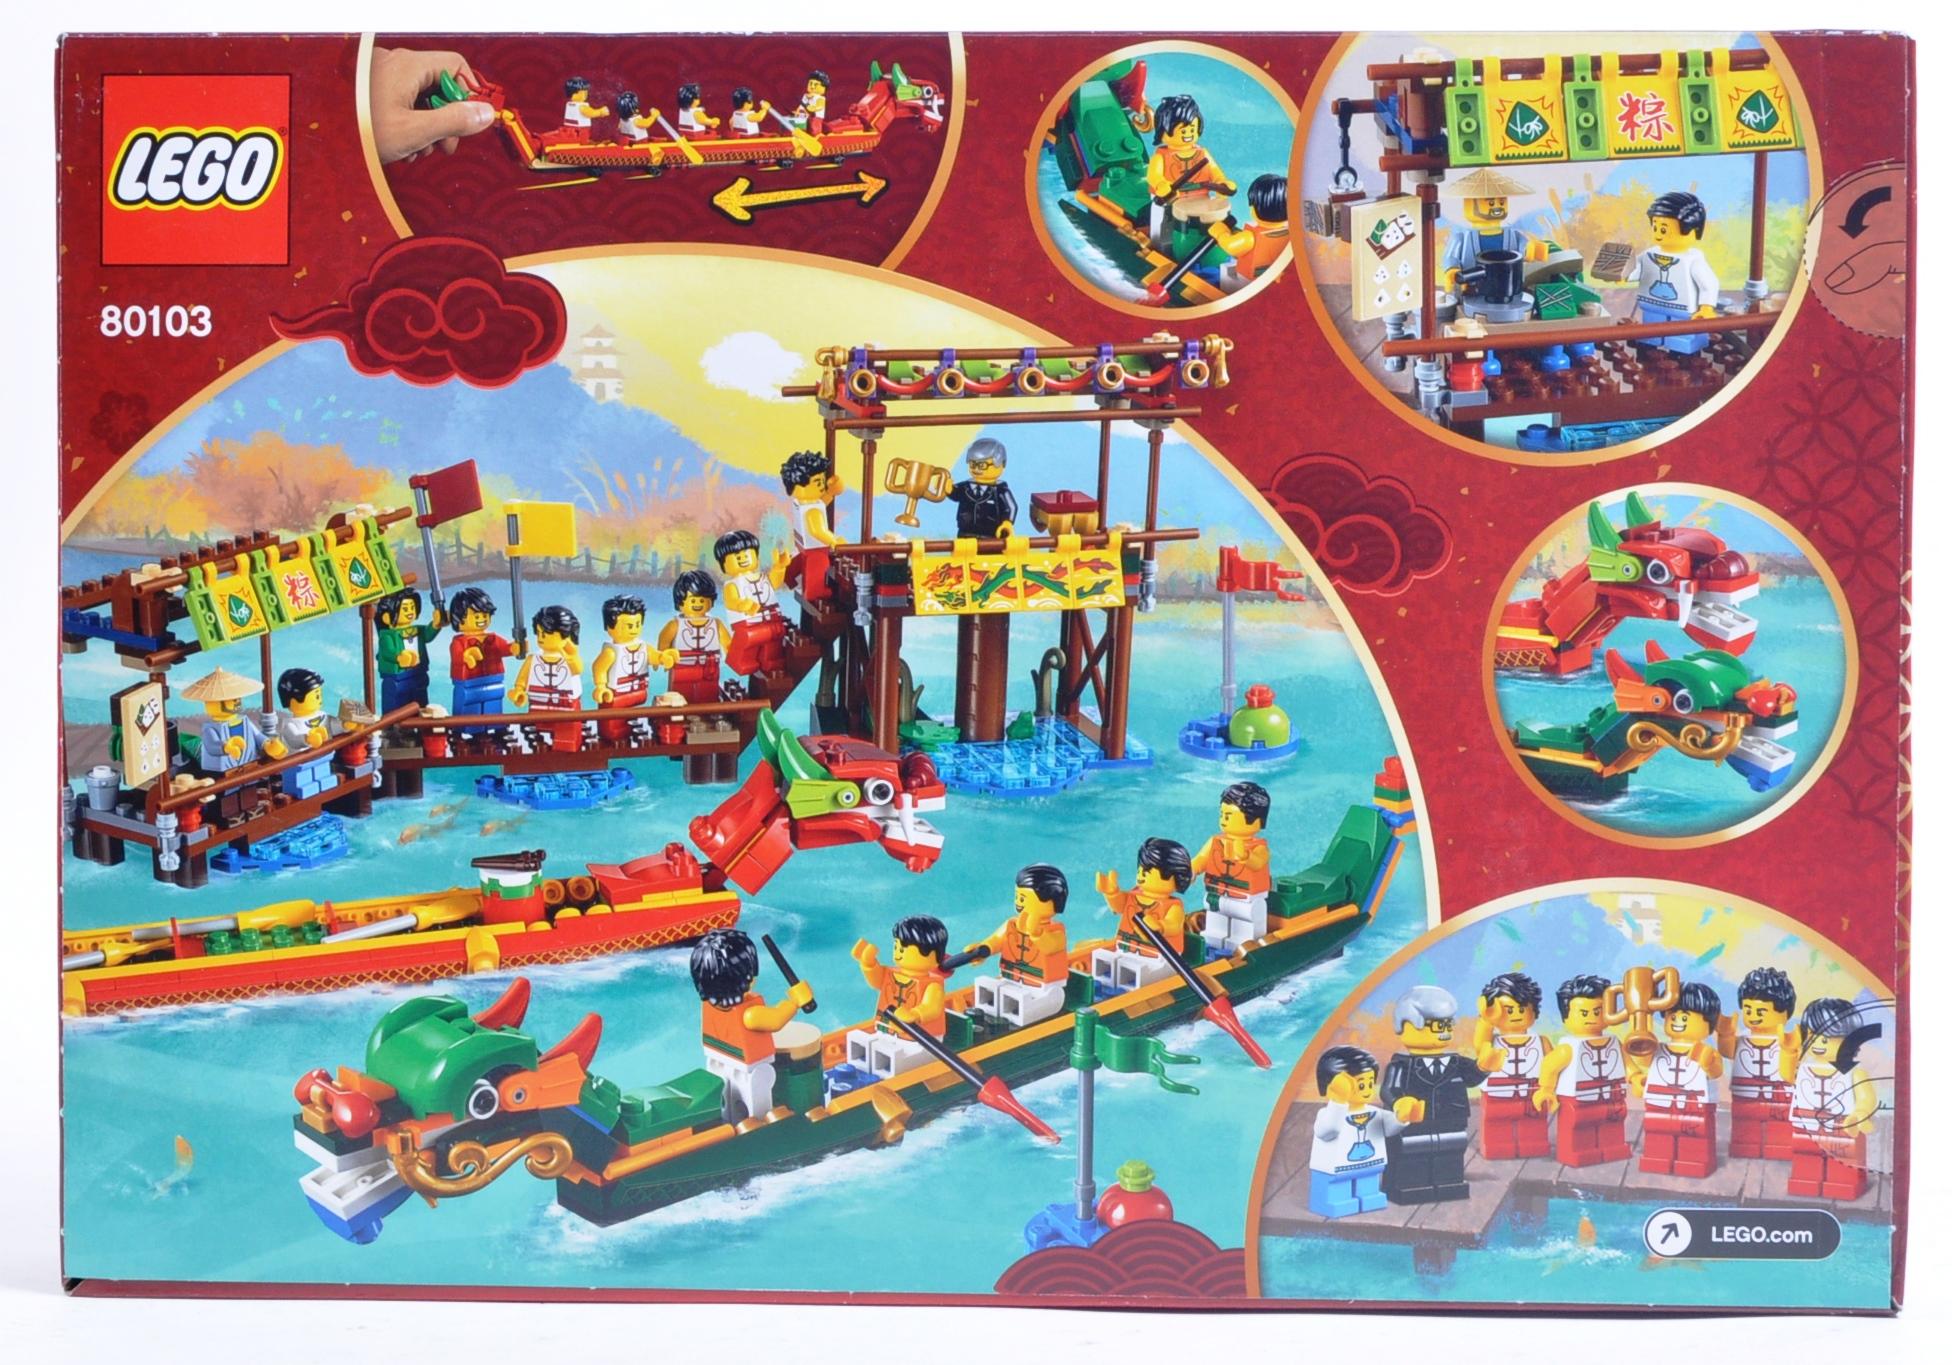 LEGO SET - 80103 - DRAGON BOAT RACE - Image 2 of 4